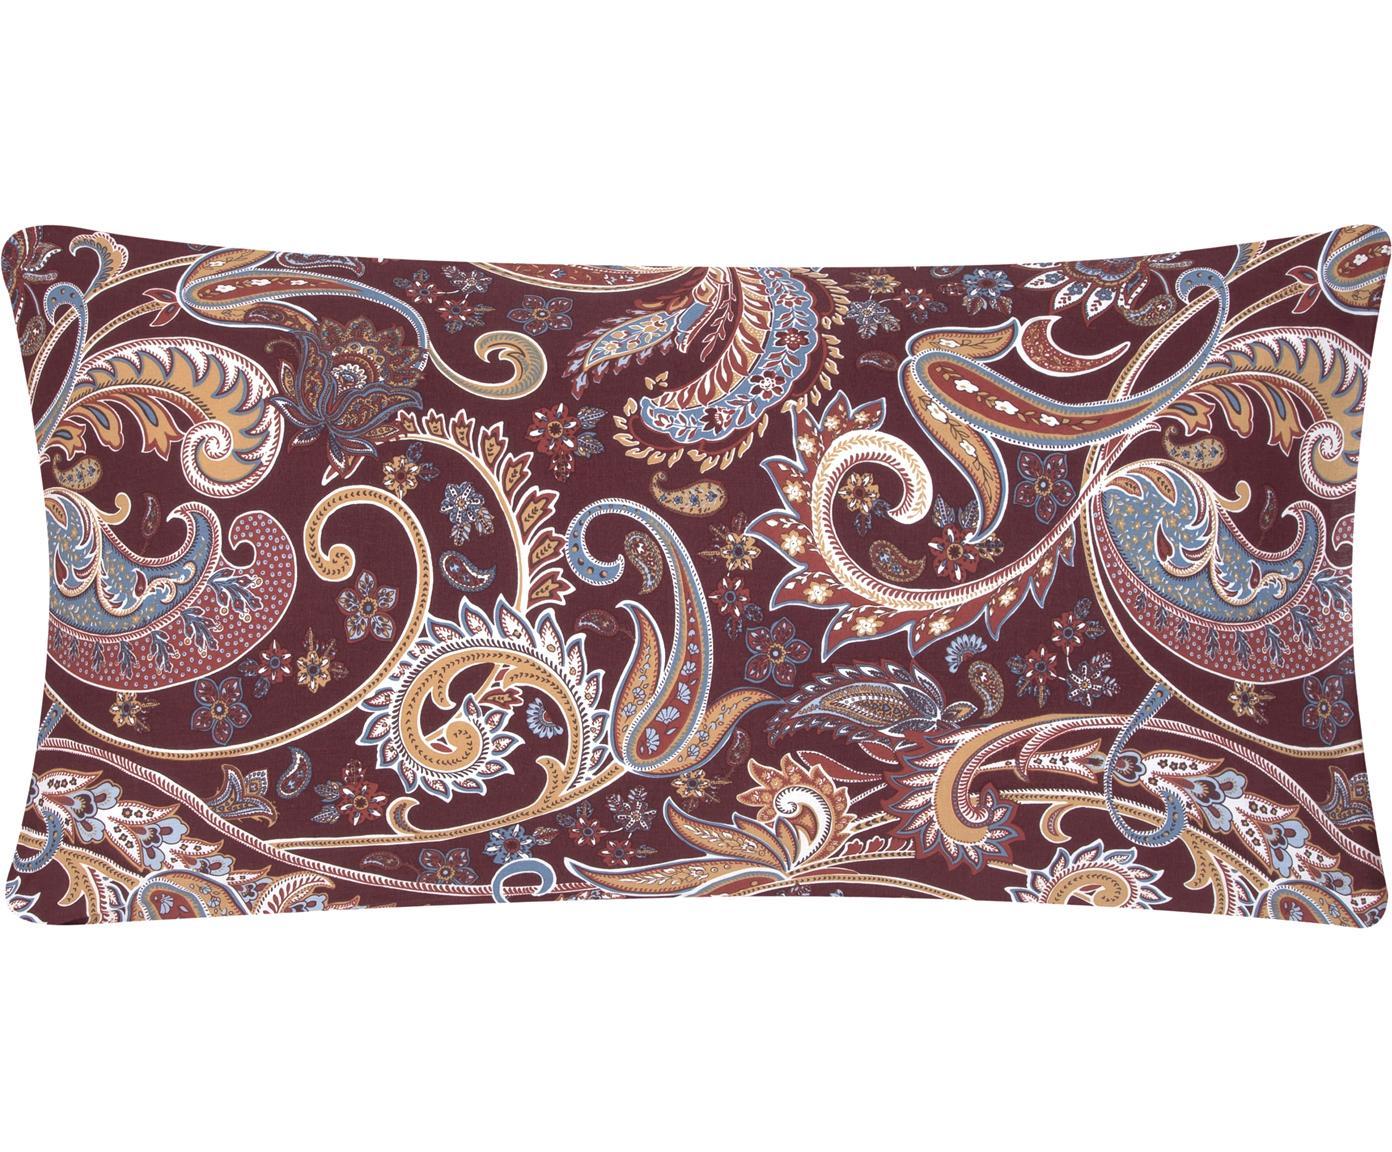 Poszewka na poduszkę z bawełny renforcé Liana, 2 szt., Tapicerka: ciemny fioletowy nogi: czarny, matowy, S 40 x D 80 cm